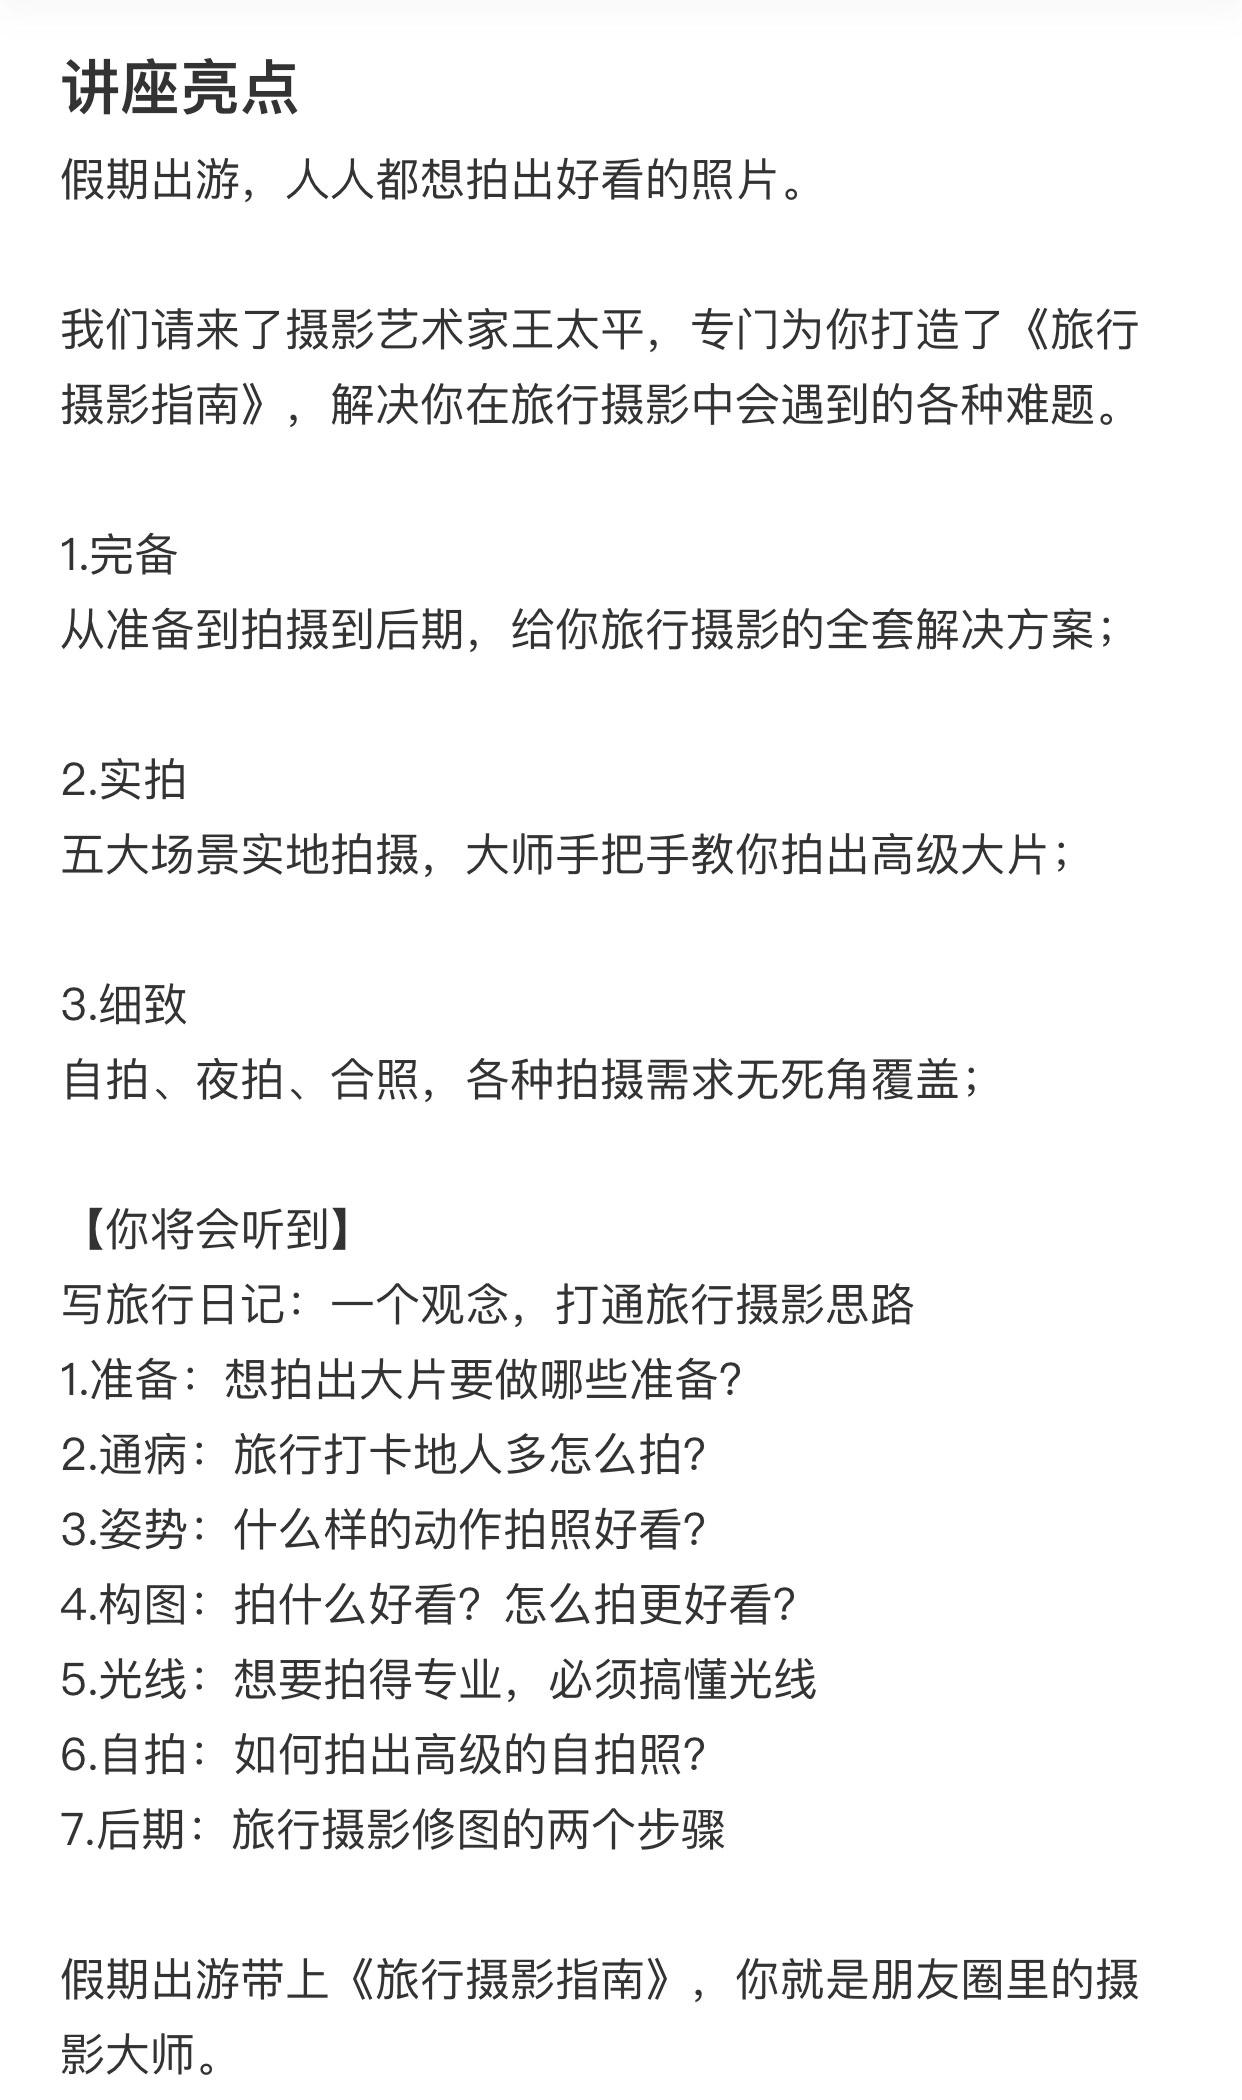 王太平旅行打卡摄影指南